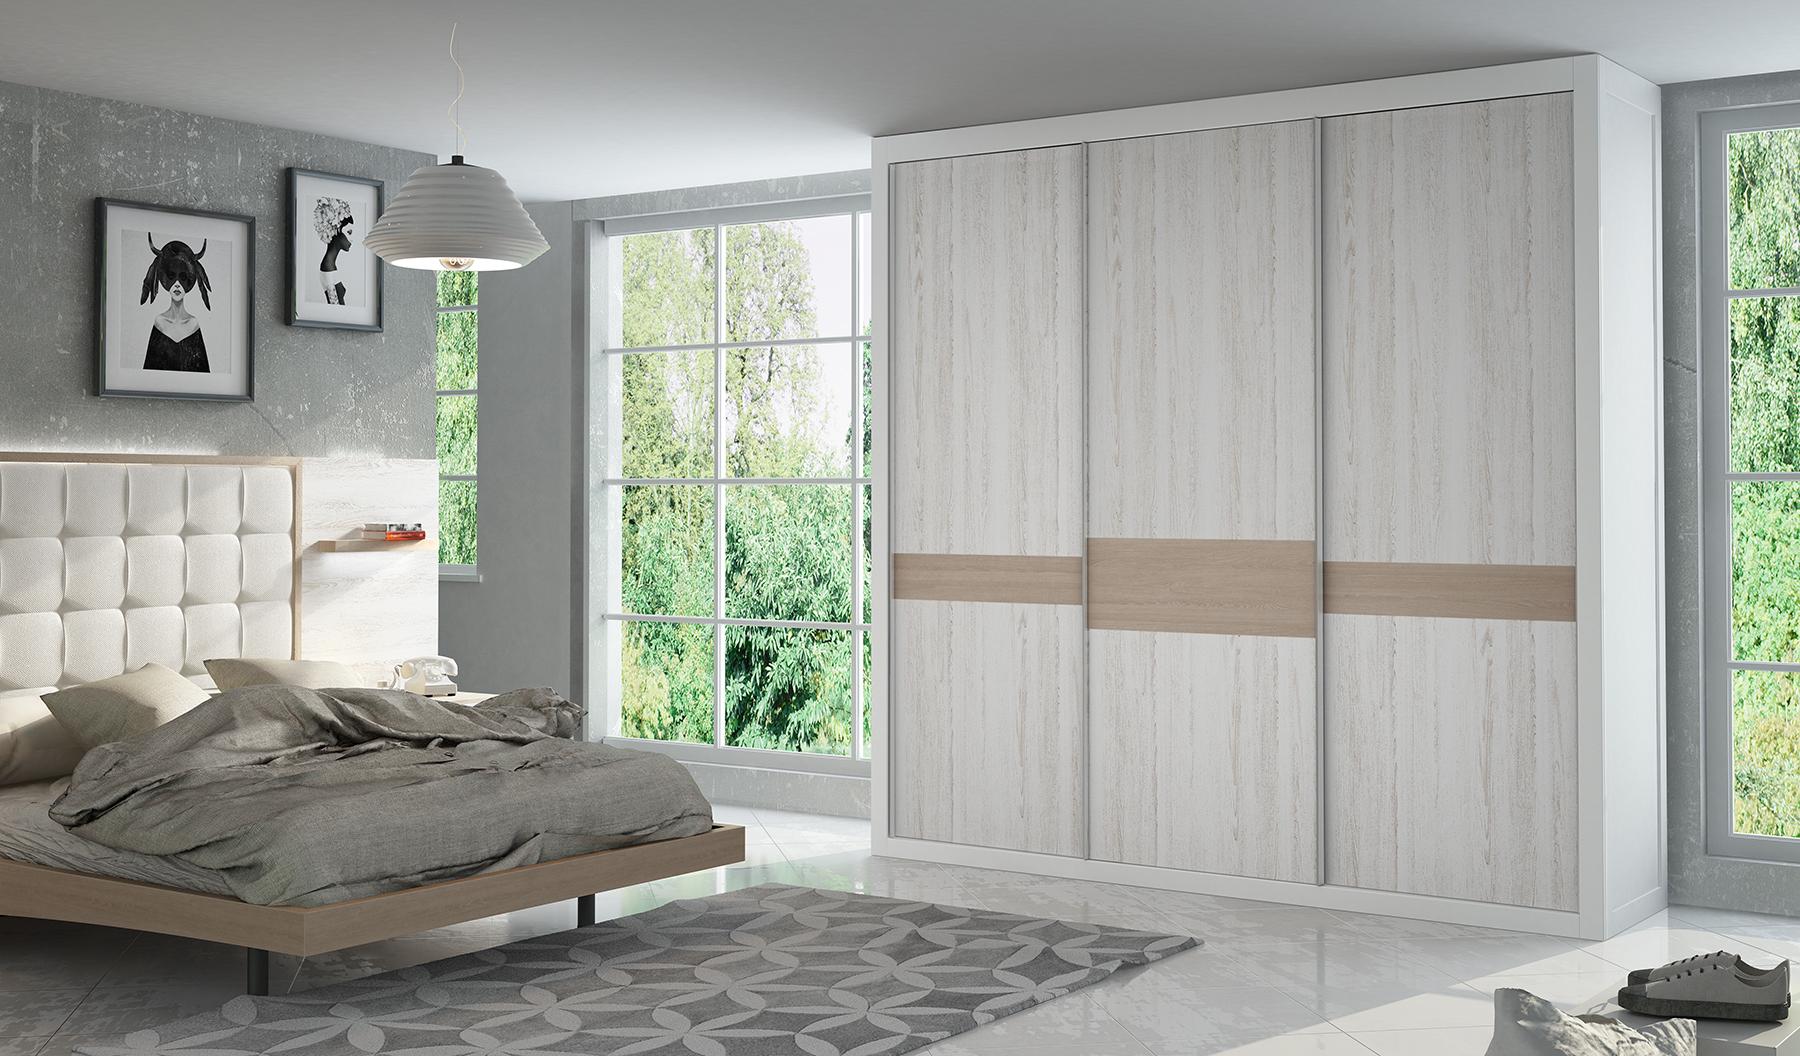 . Fenicia ARMARIOS WARDROBE  Fenicia Modern Bedroom Sets  Spain  Brands